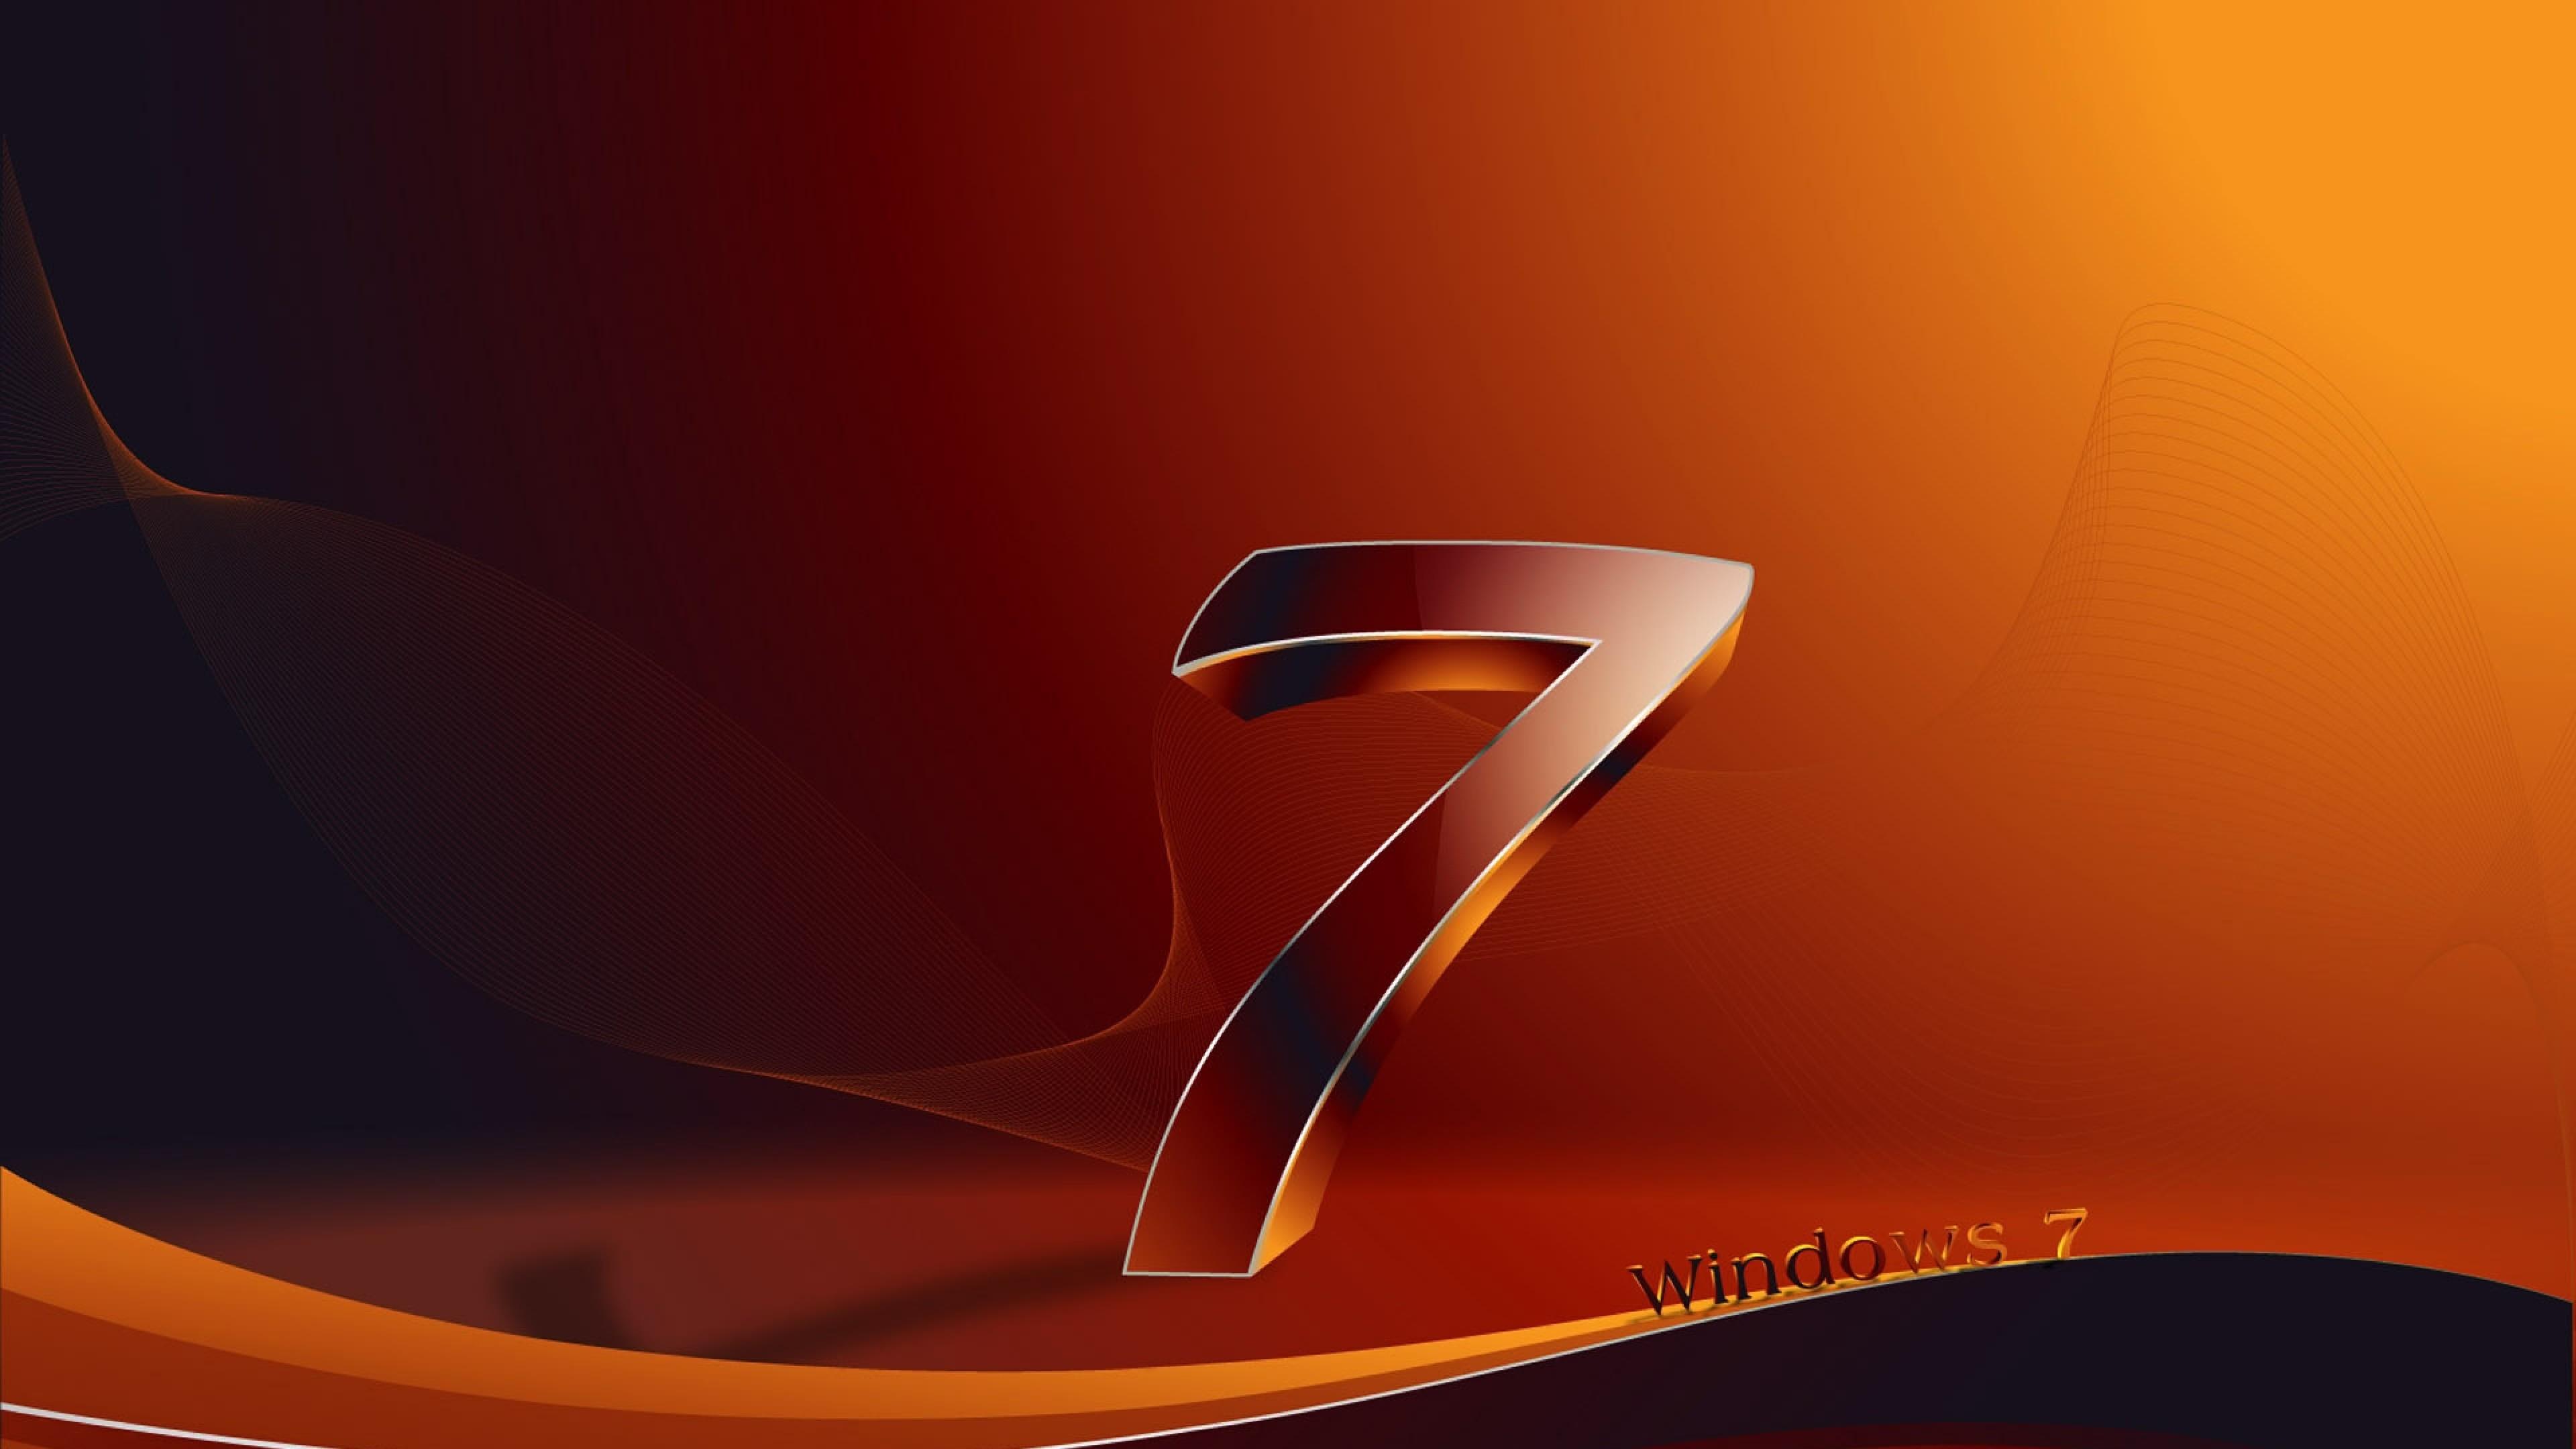 Download Wallpaper Windows 7, Os, Orange, Black 4K Ultra .